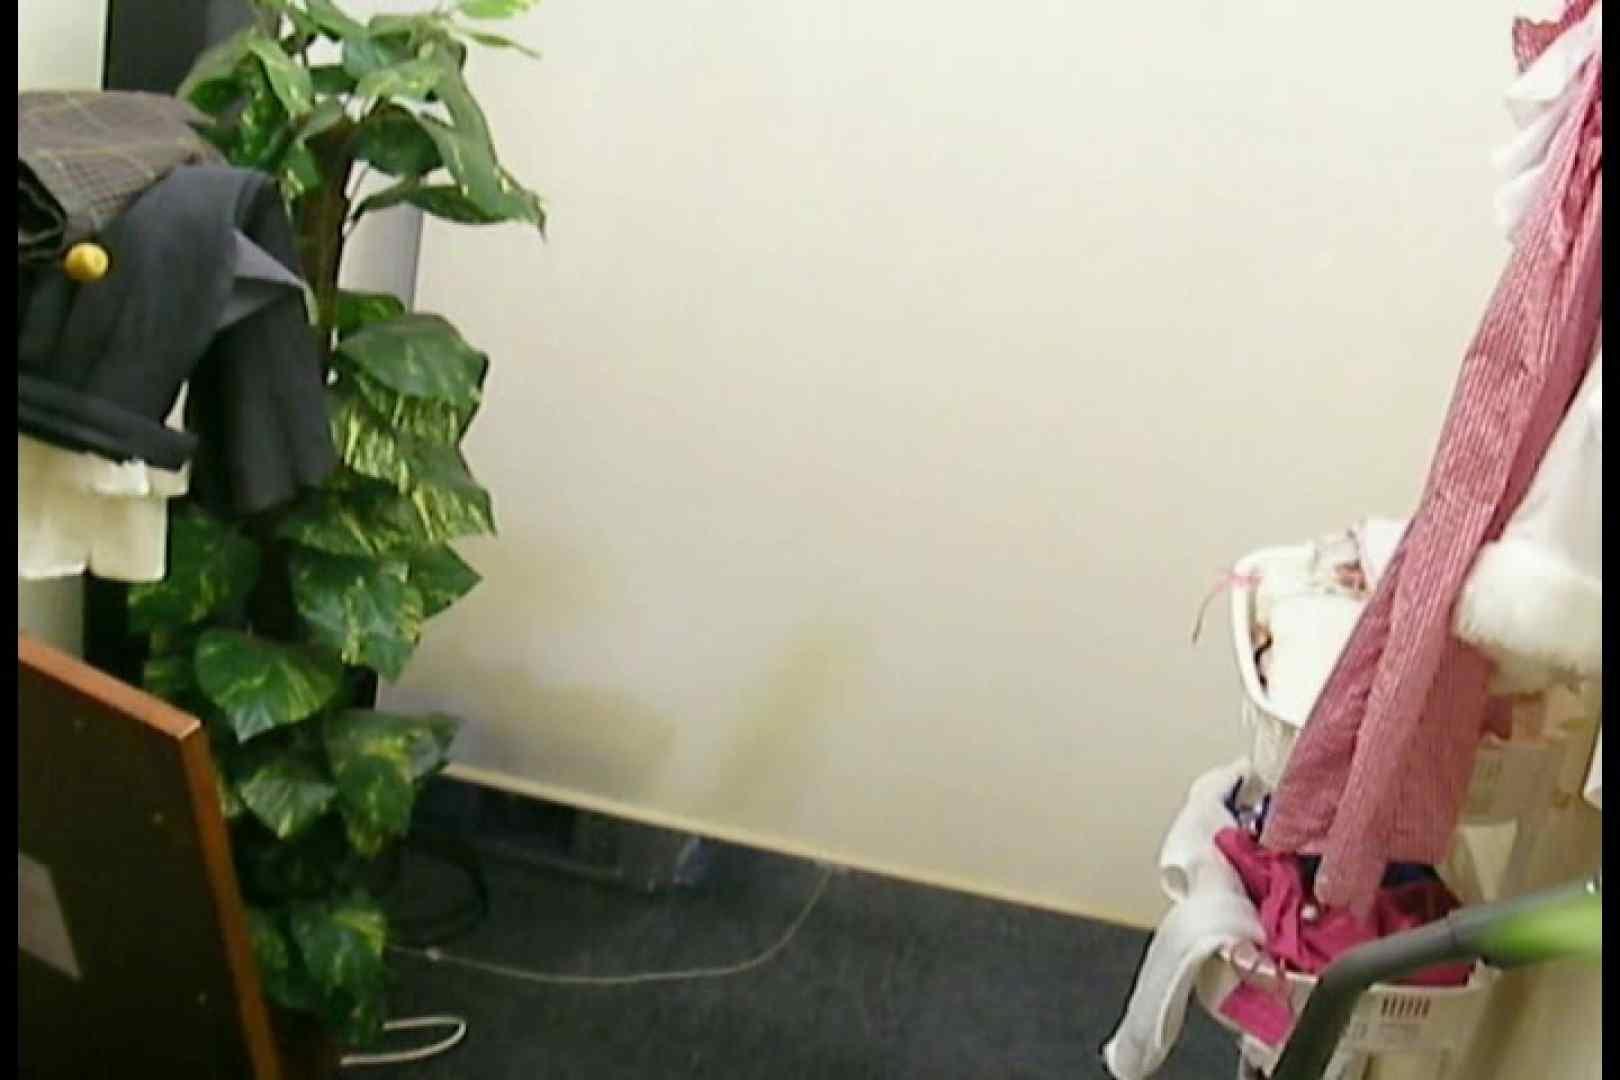 素人撮影 下着だけの撮影のはずが・・・仮名ゆき22歳 隠撮 女性器鑑賞 73pic 27